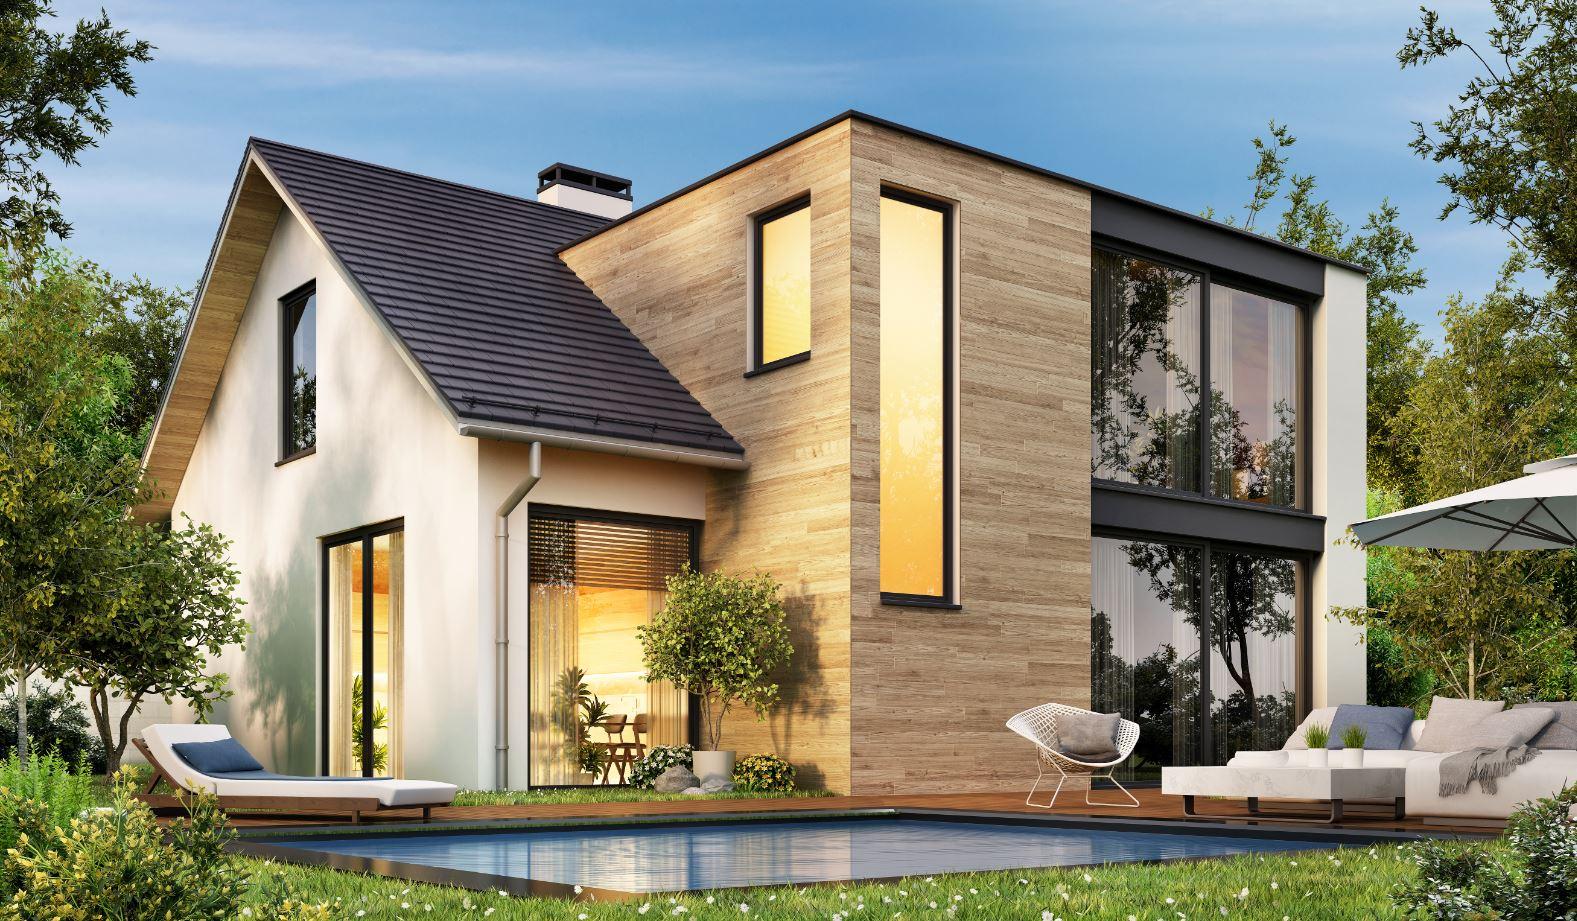 Extension de maison à Sarreguemines (57)